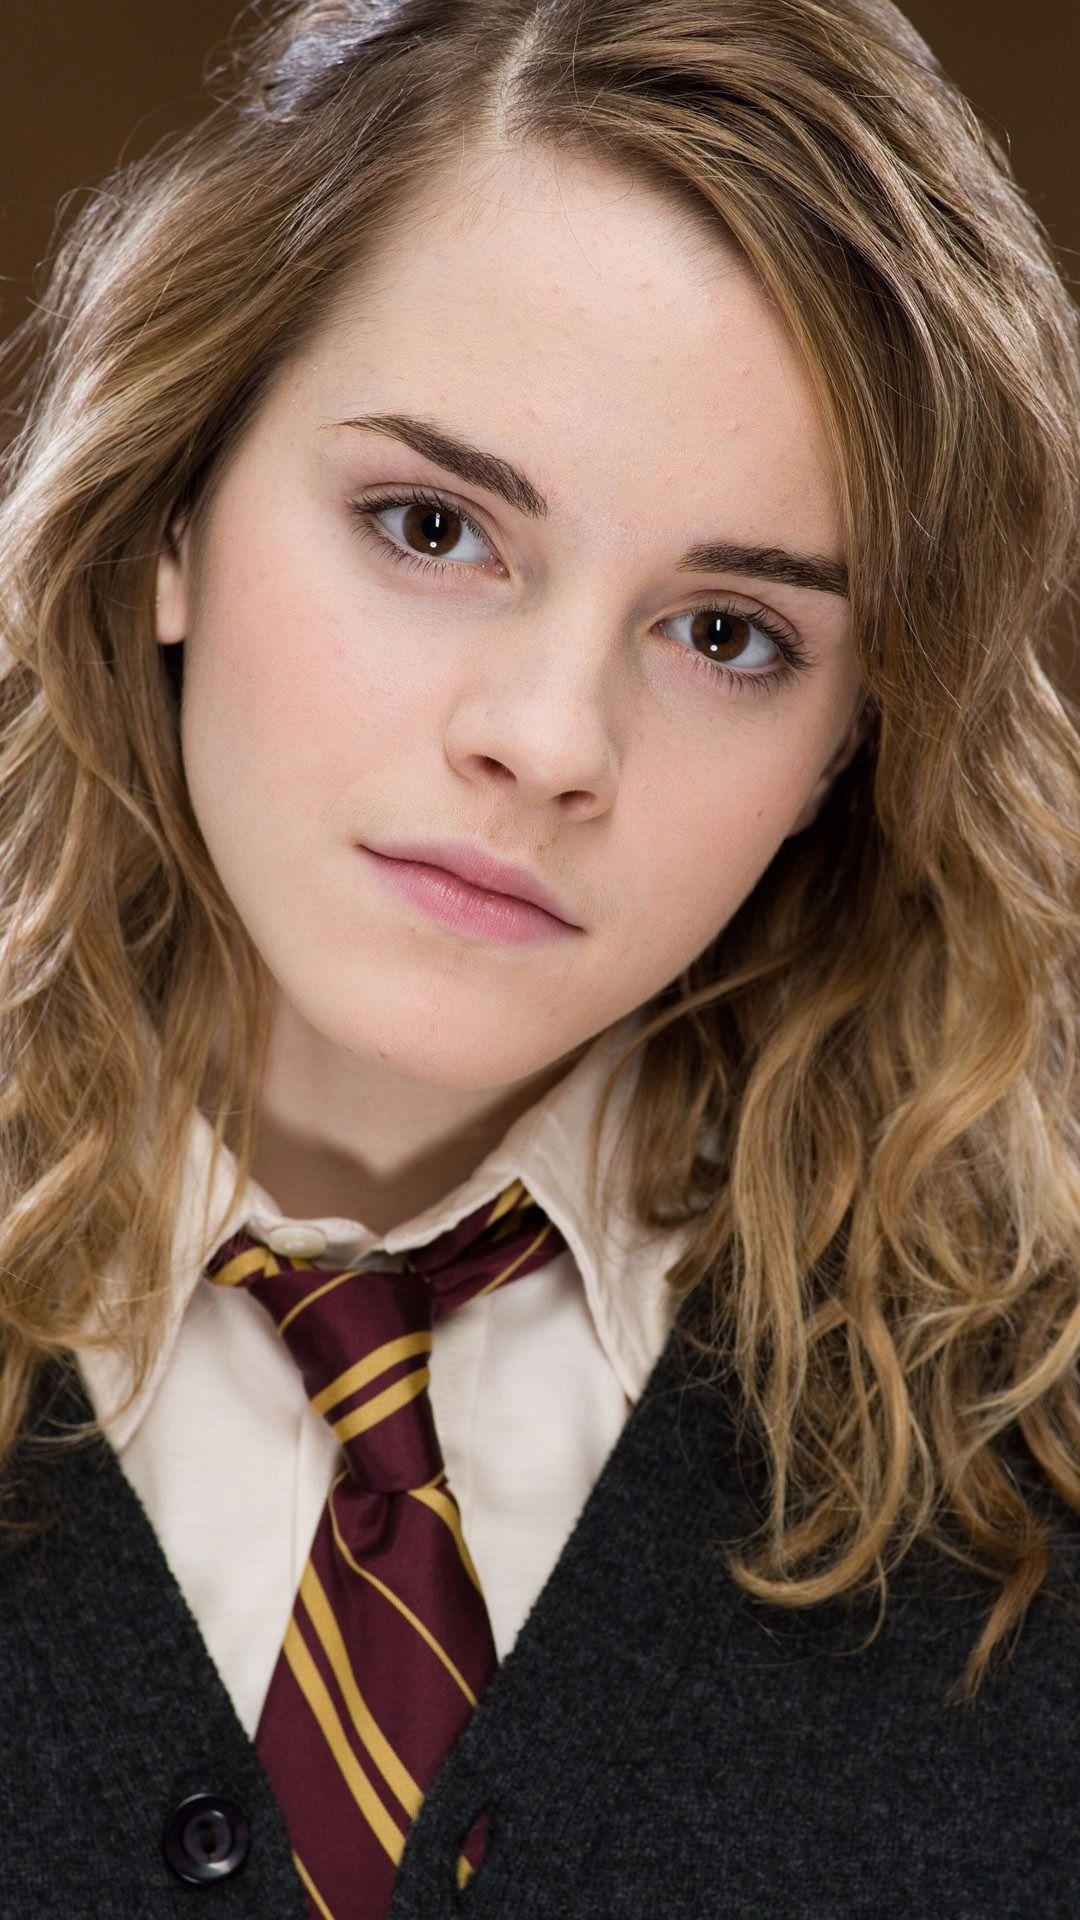 Hermione Granger  Harry Potter Wallpaper  Hermione